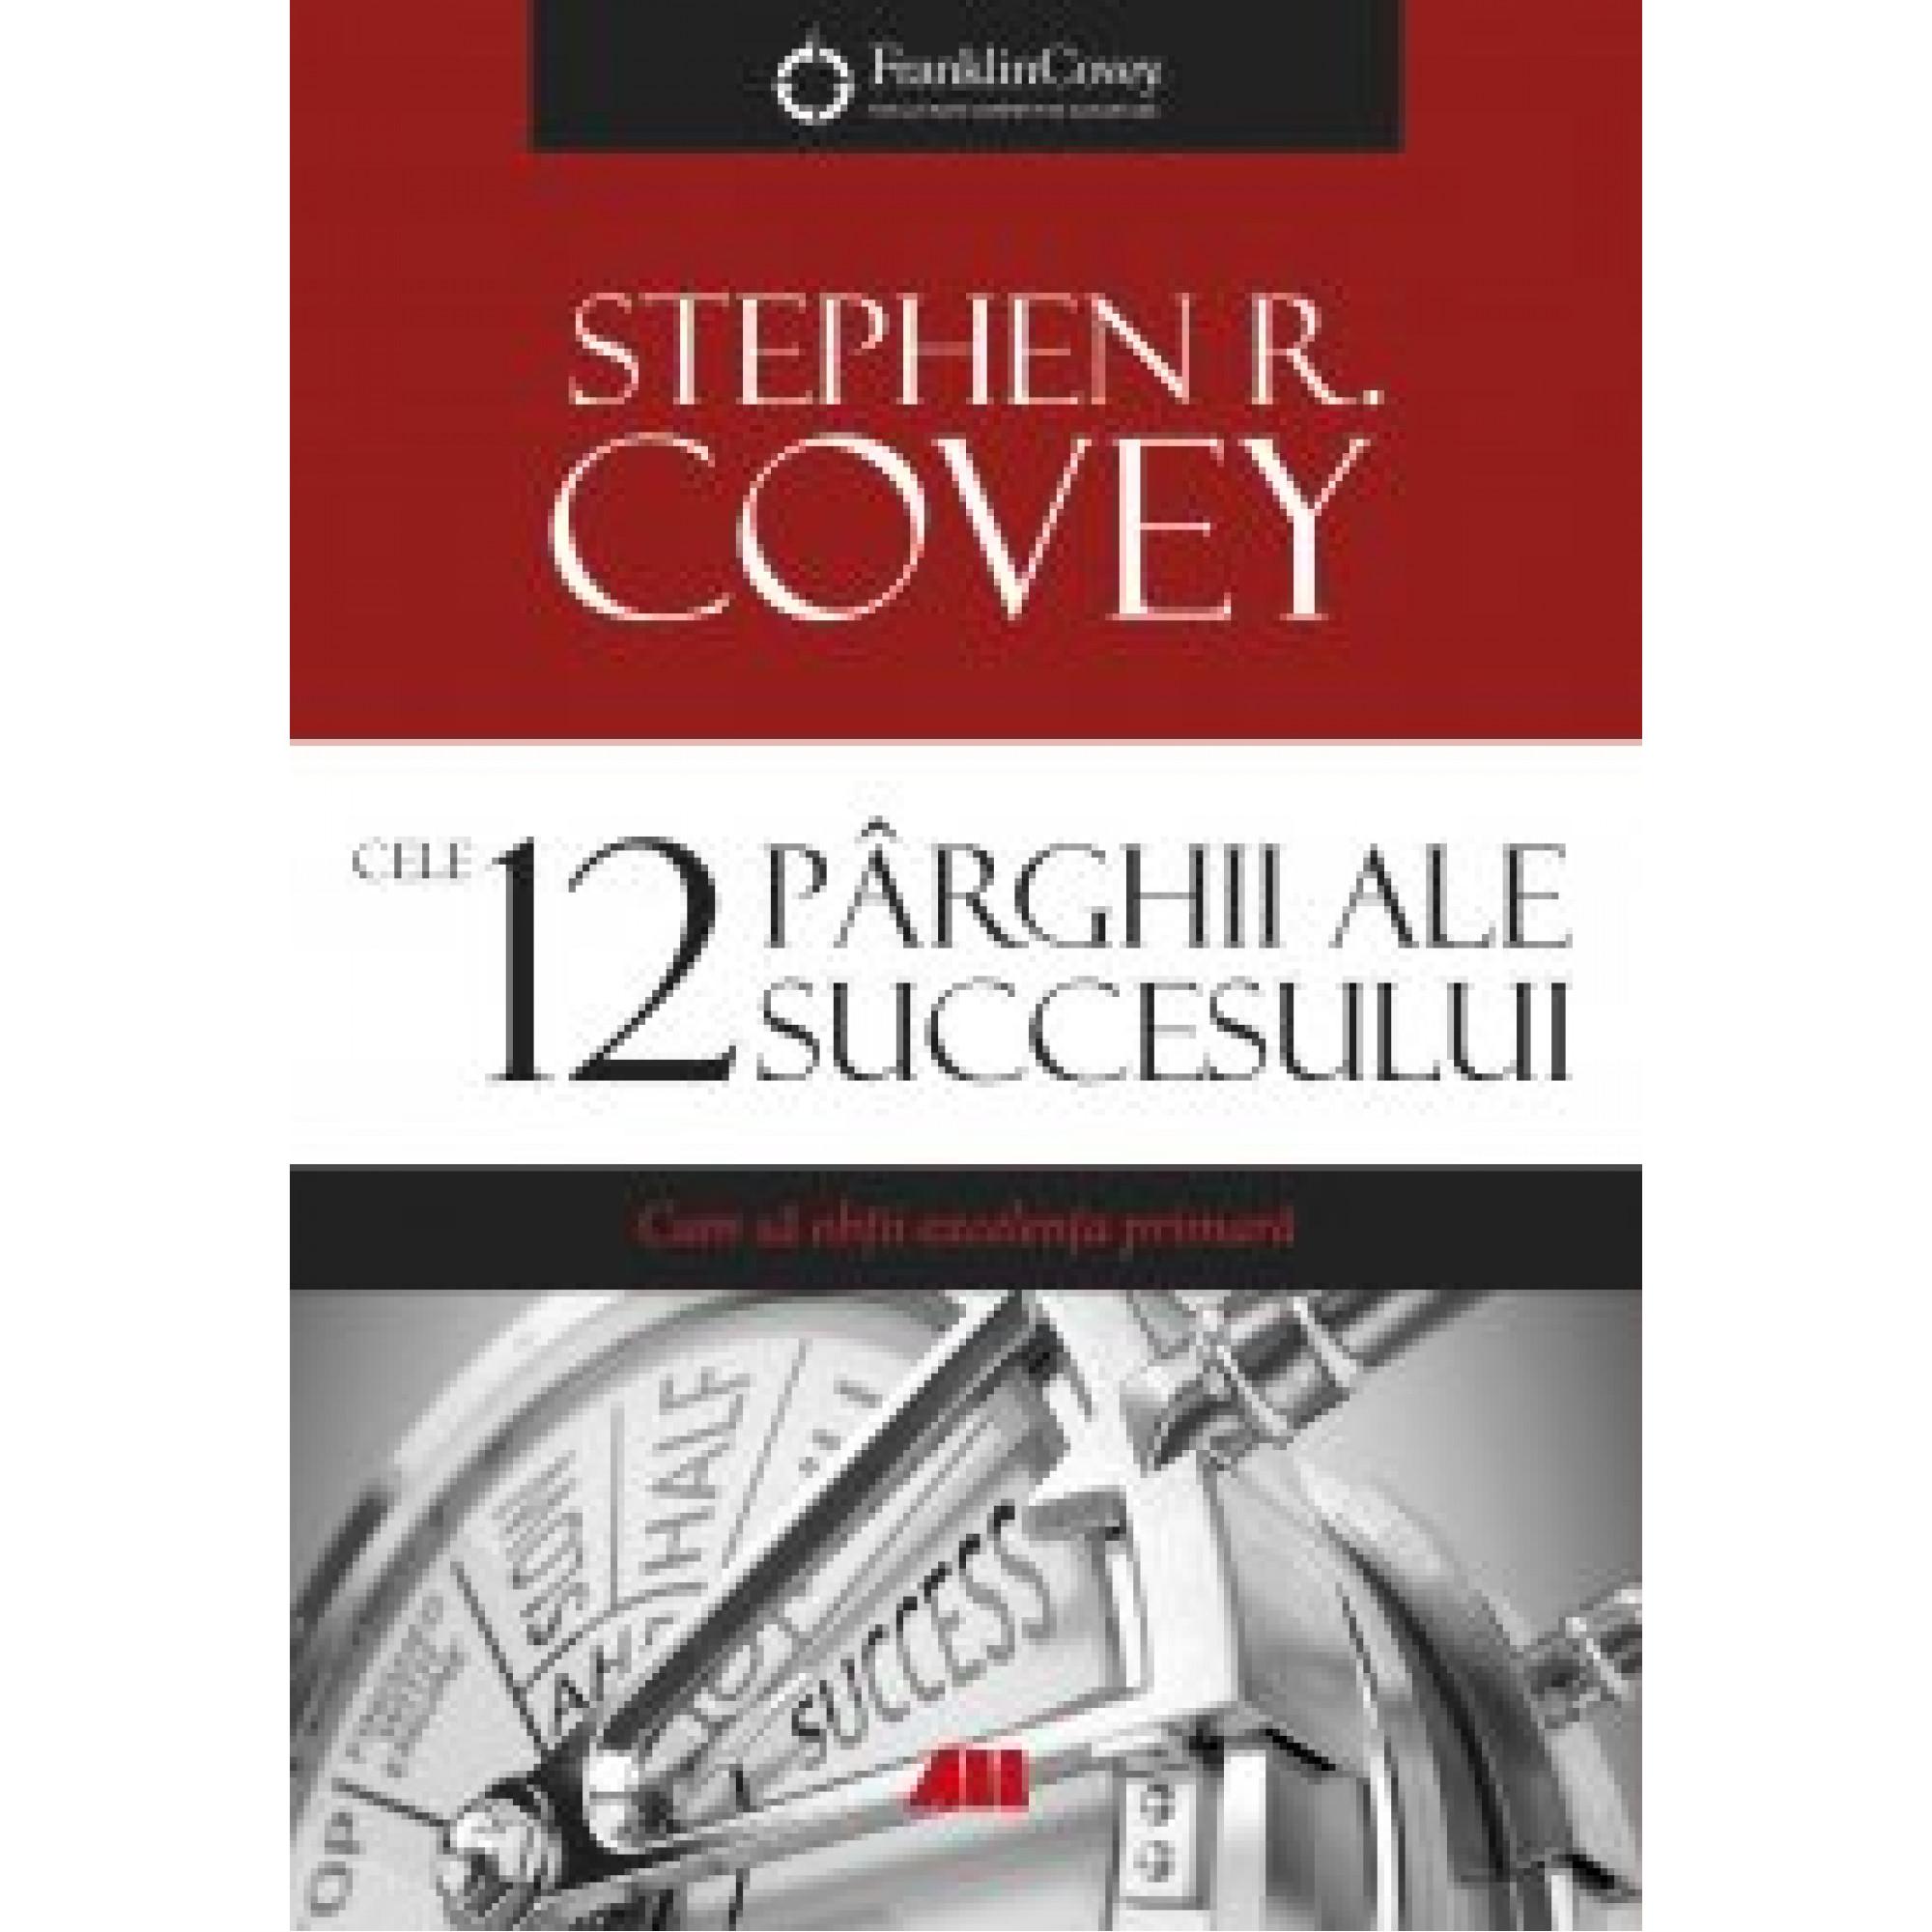 Cele 12 pârghii ale succesului; Stephen R. Covey